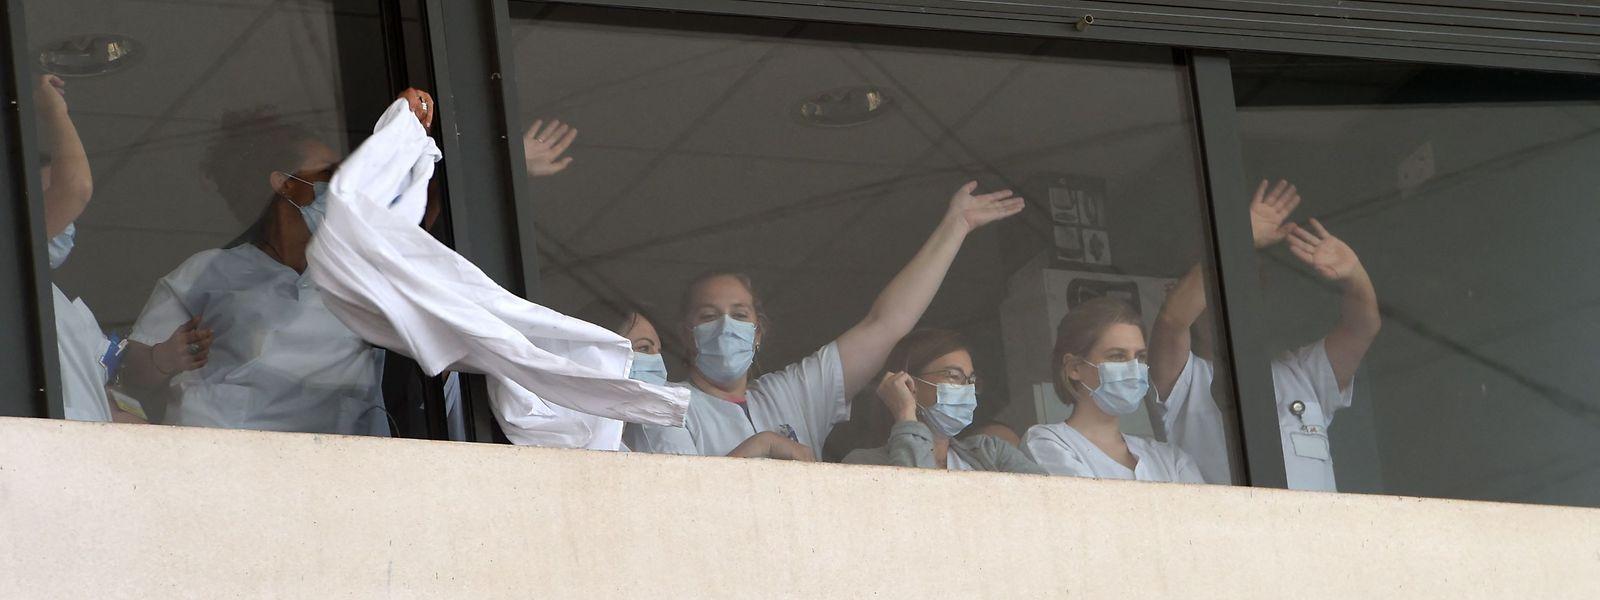 Um dos protestos dos profissionais hospitalares franceses contra a vacinação obrigatória.